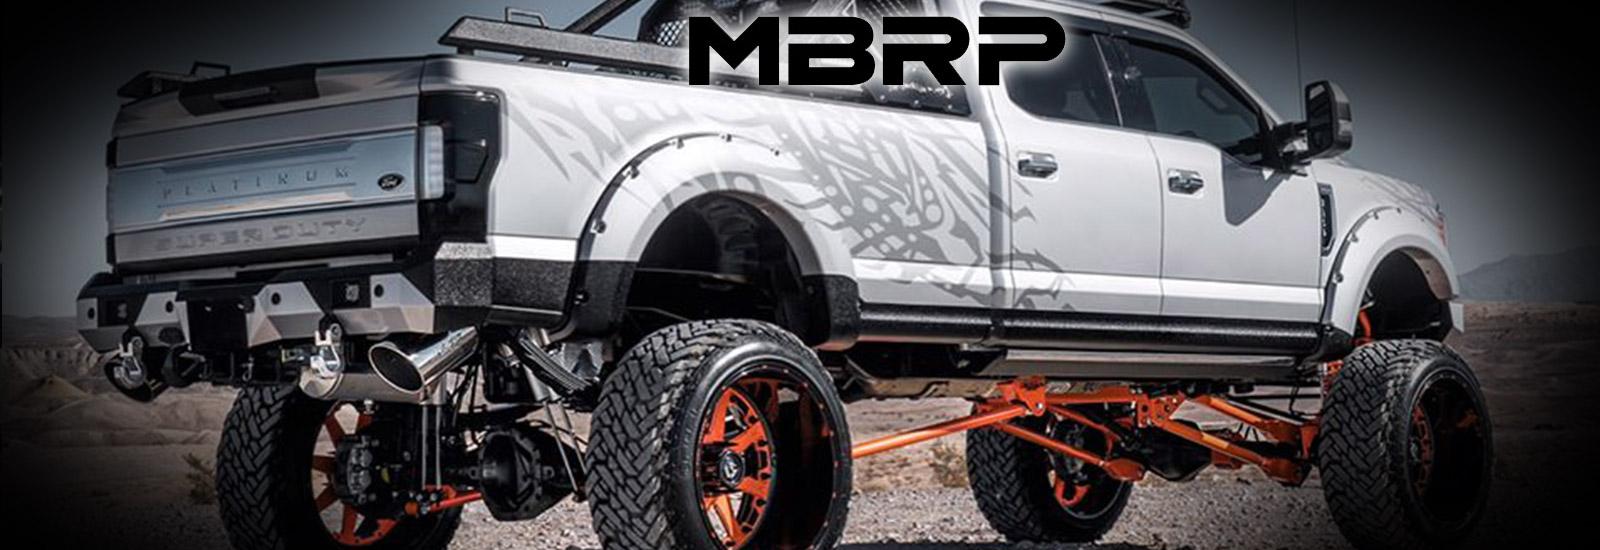 MBRP Automotive